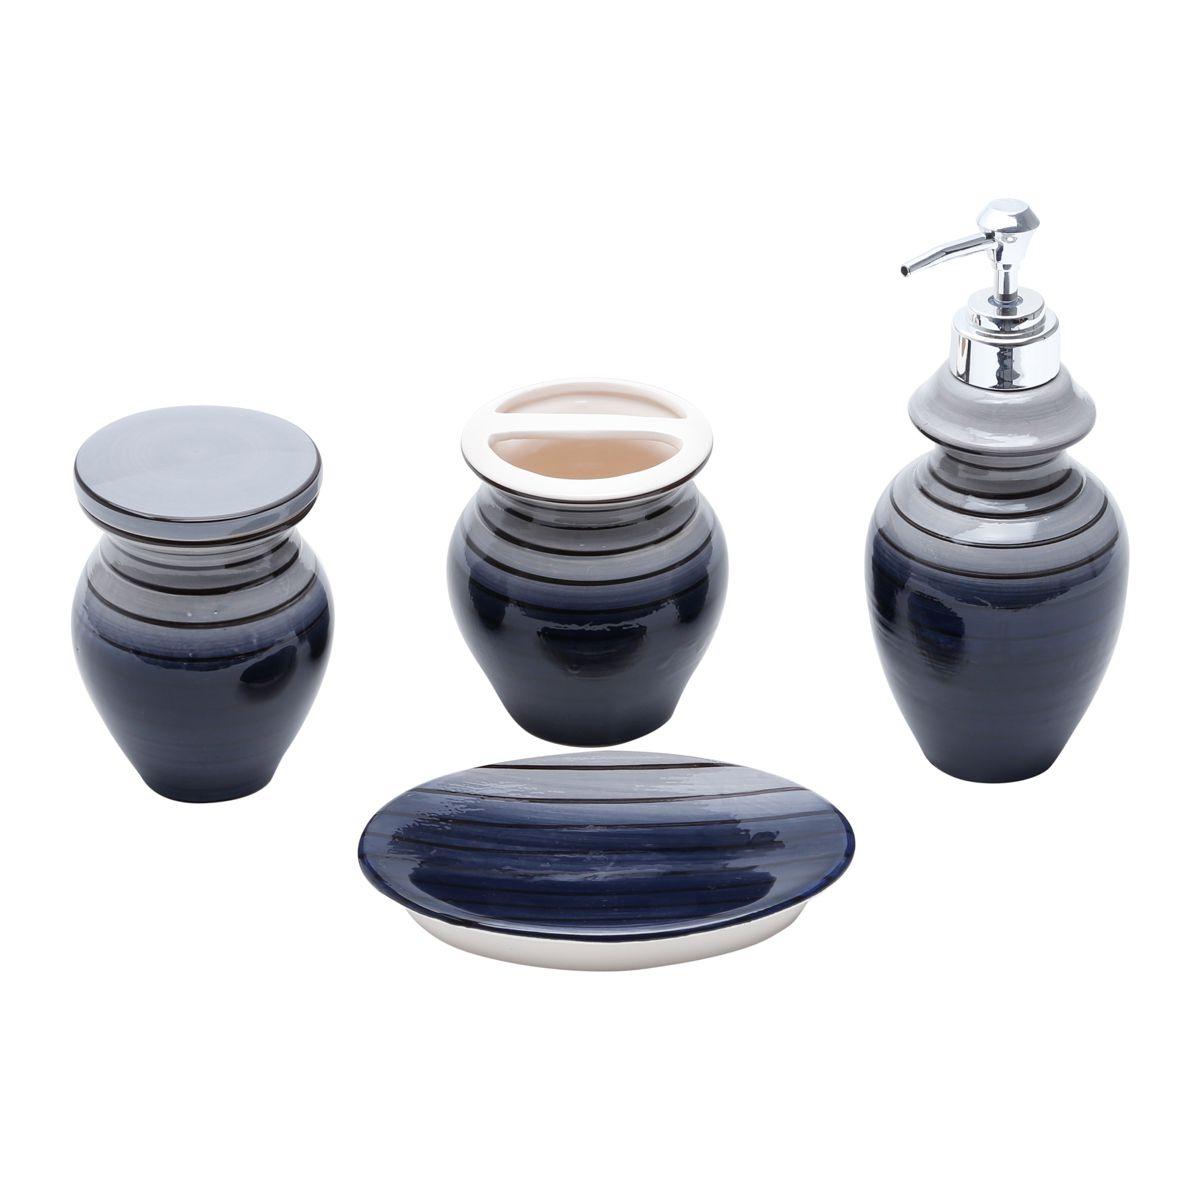 Kit Banheiro 4 pcs em Cerâmica Vertigo Cinza E Preto